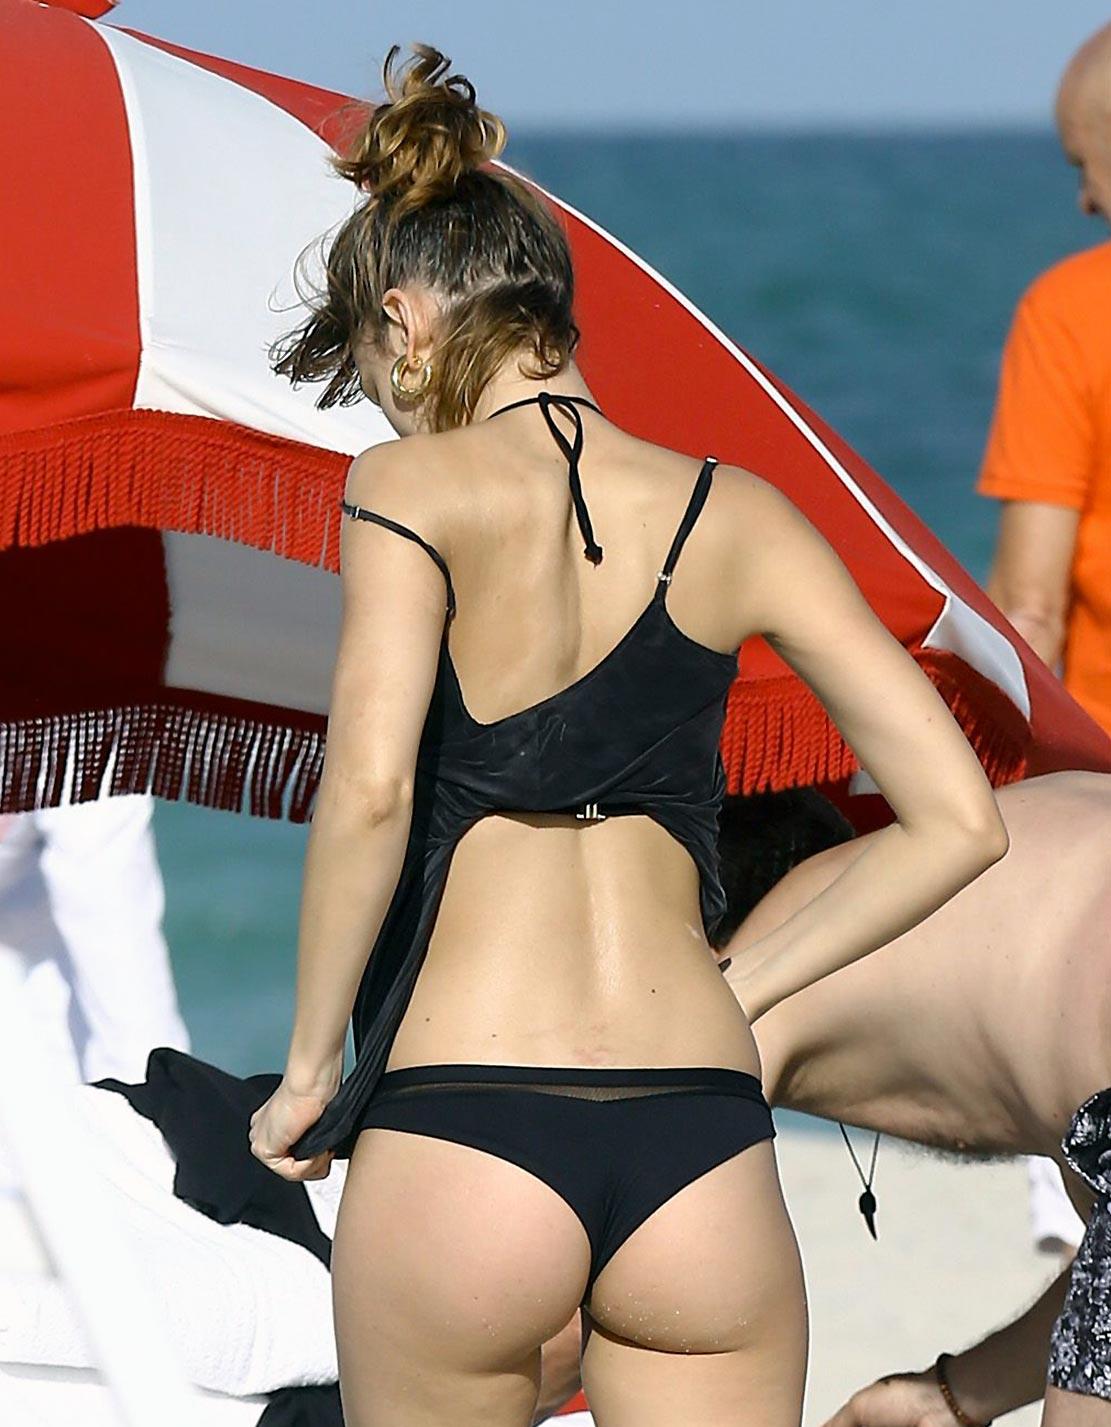 Ursula Corbero Nude Pics and Sex Scenes Collection